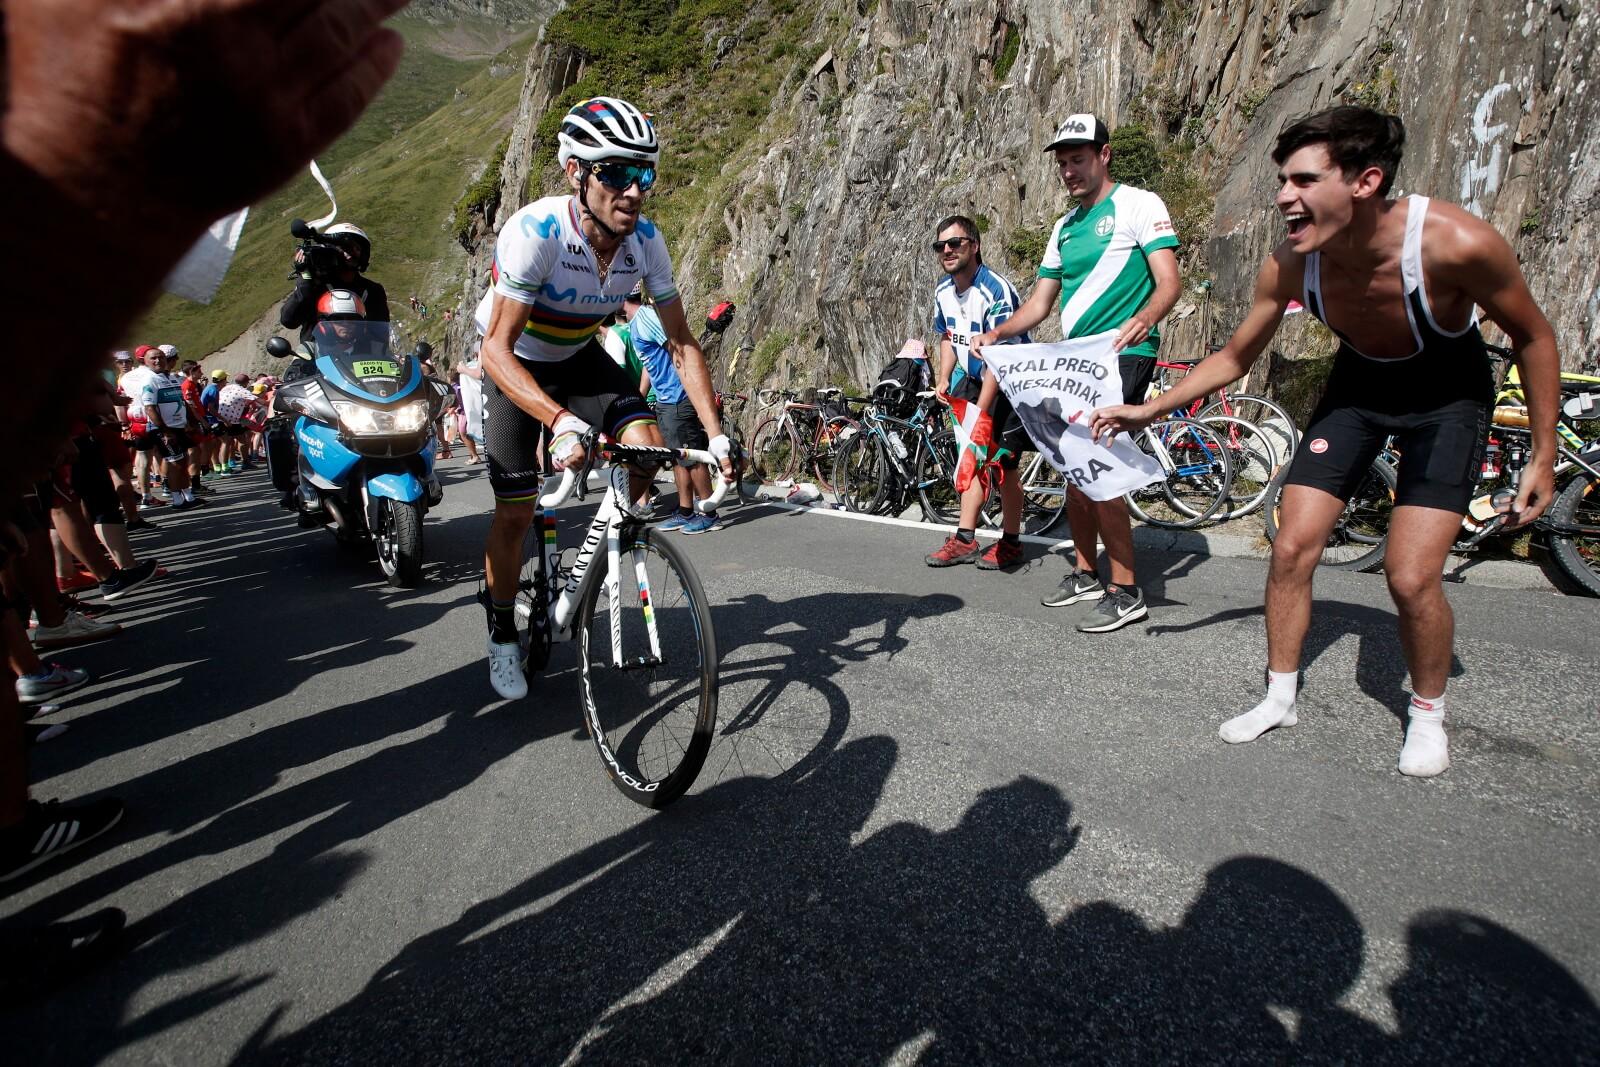 Tour de France fot. EPA/GUILLAUME HORCAJUELO